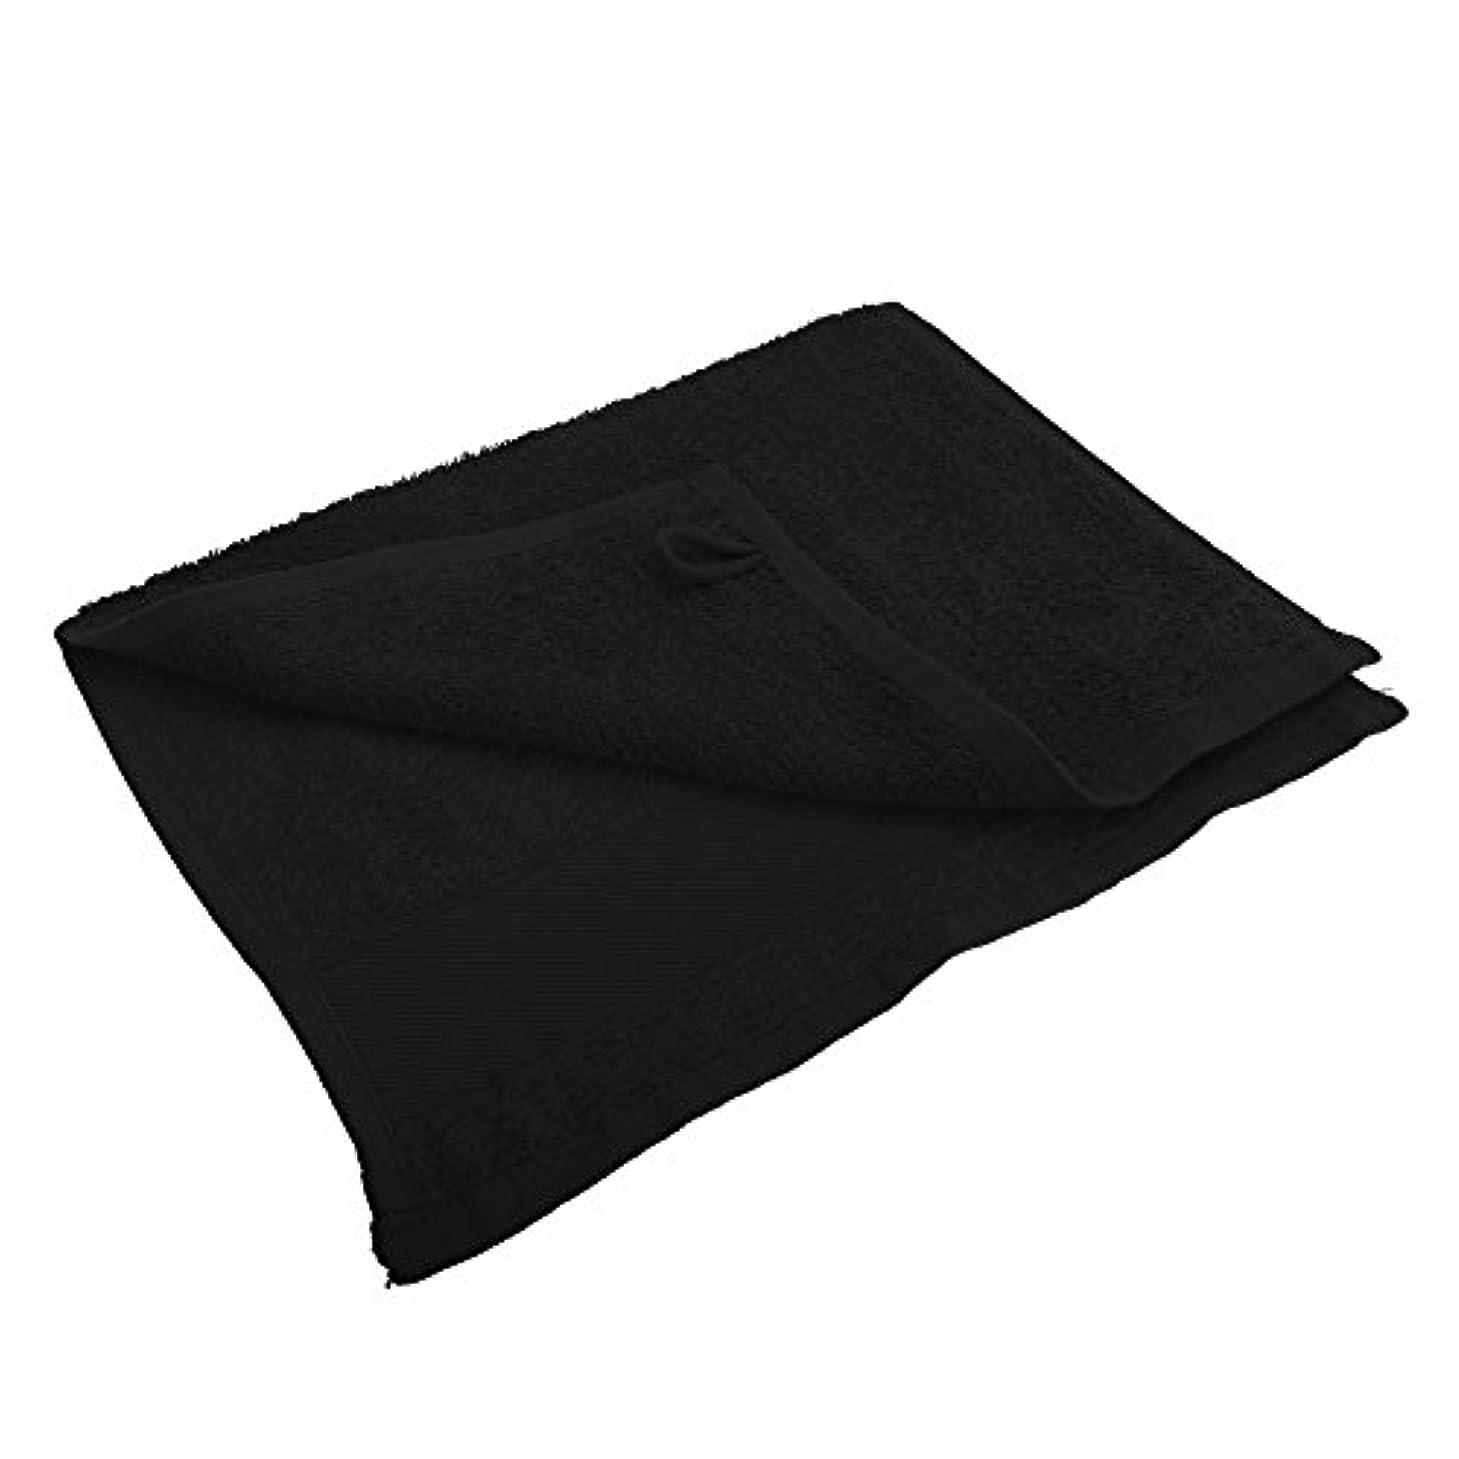 エキスパート標準頭痛(ソールズ) SOLS アイランド 30 コットン 綿100% ゲストタオル (30 x 50cm) (ワンサイズ) (ブラック)